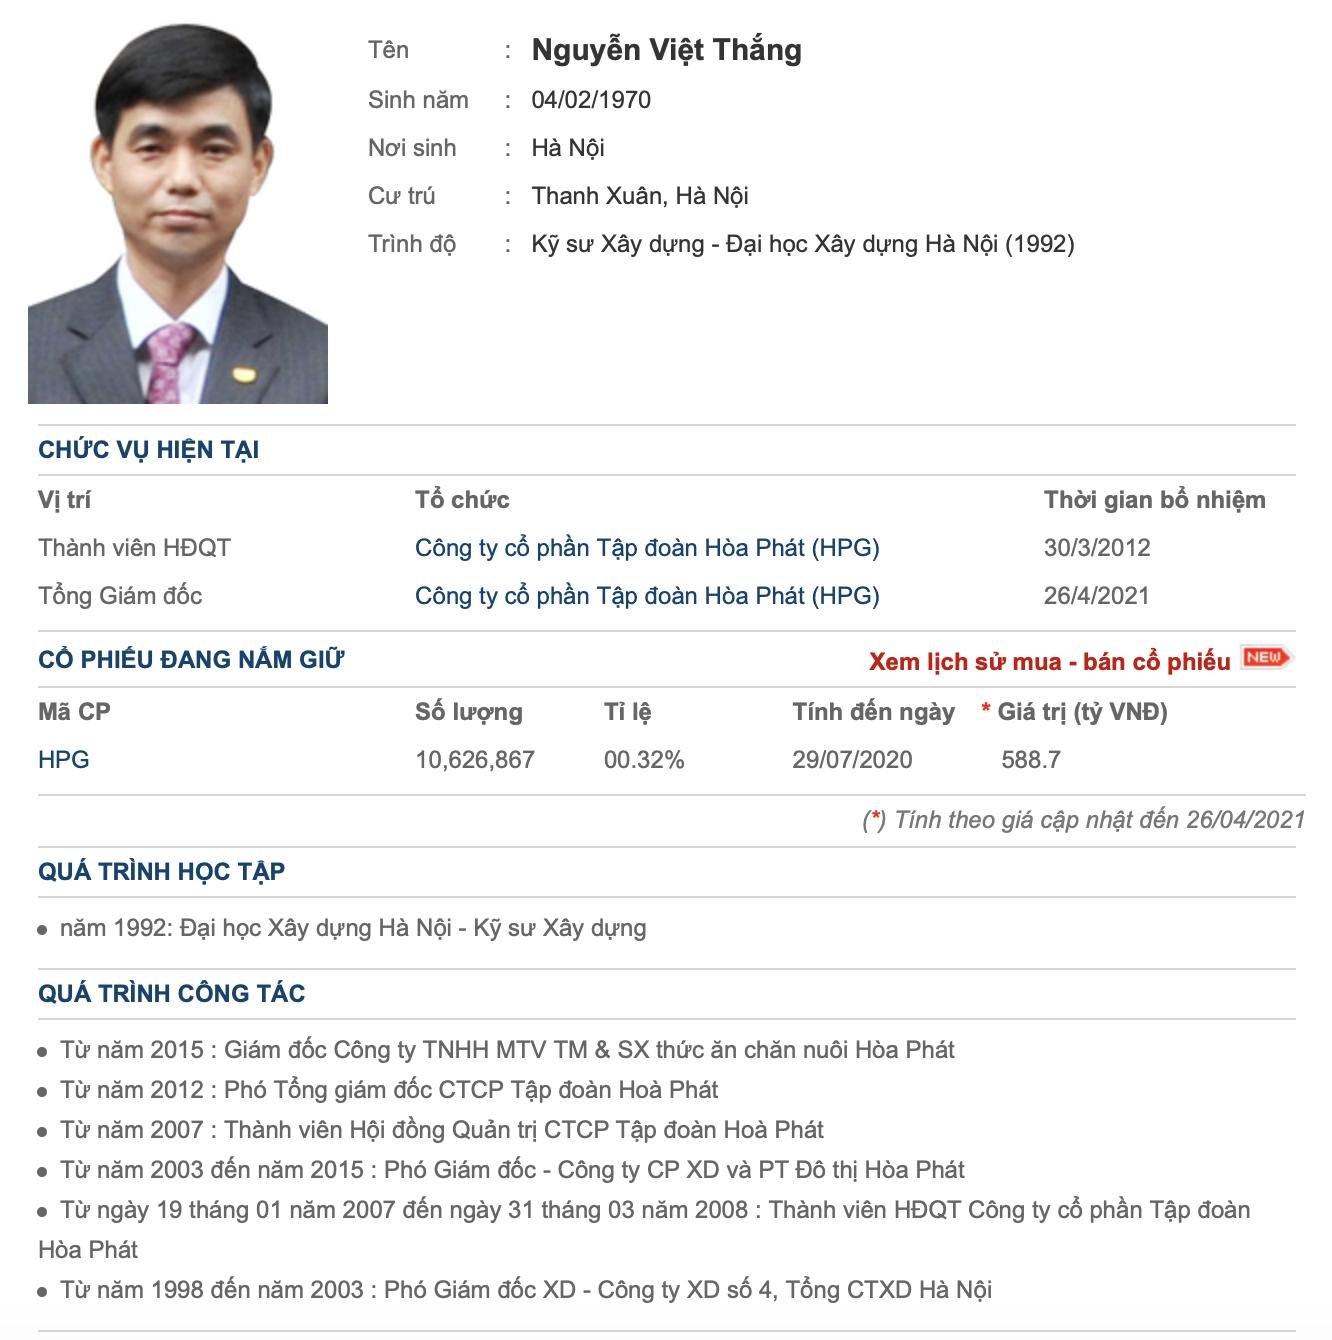 Ông Nguyễn Việt Thắng thay ông Trần Tuấn Dương làm Tổng giám đốc Hoà Phát: Thời điểm F2 chín muồi - Ảnh 2.